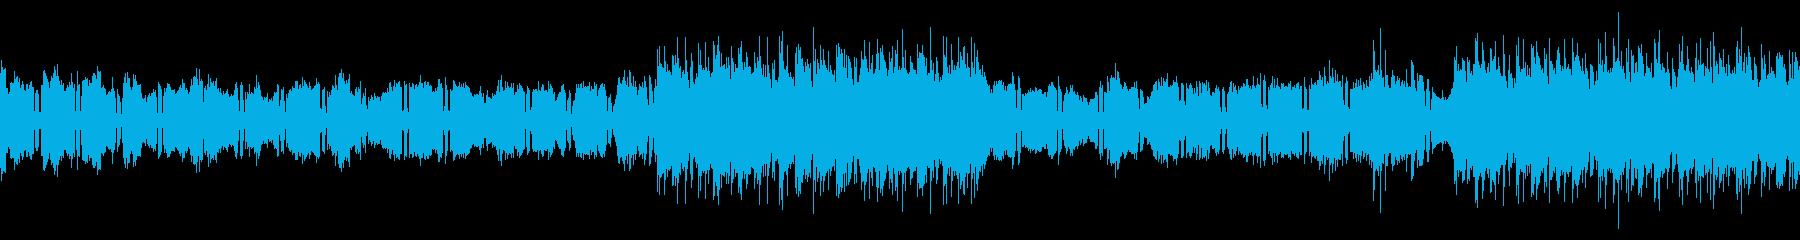 リズムなし、ループバージョンの再生済みの波形